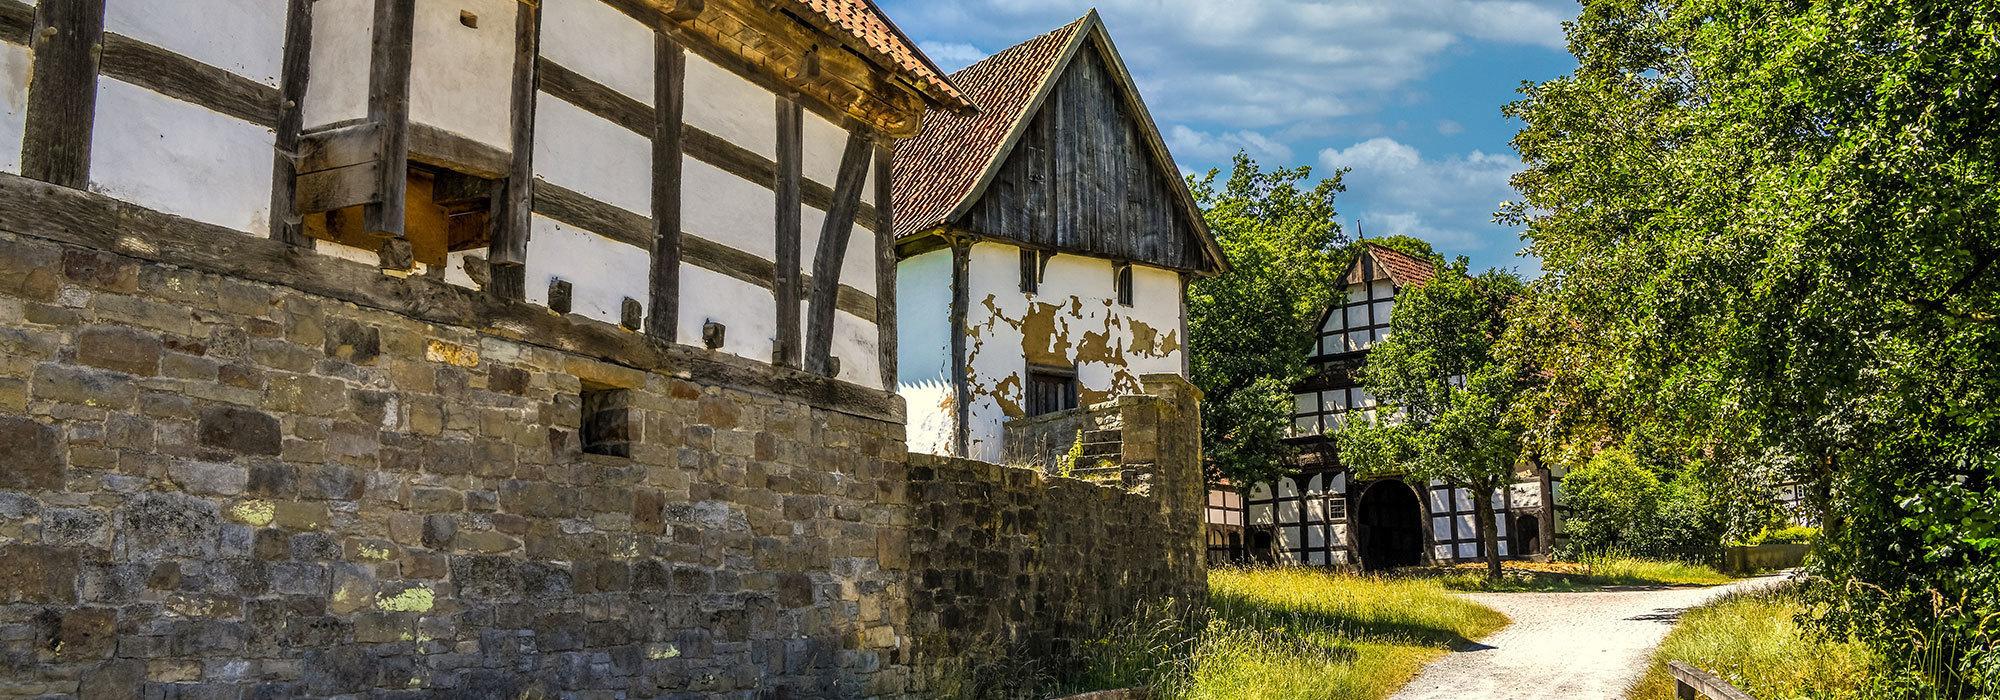 Parcs et Jardins De Roo - Leuze-en-Hainaut